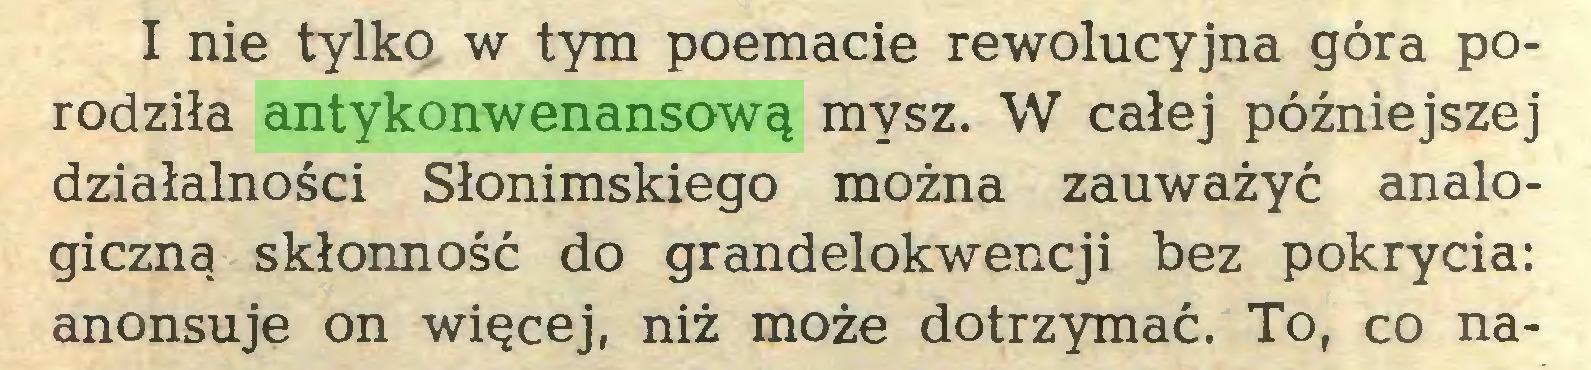 (...) I nie tylko w tym poemacie rewolucyjna góra porodziła antykonwenansową mysz. W całej późniejszej działalności Słonimskiego można zauważyć analogiczną skłonność do grandelokwencji bez pokrycia: anonsuje on więcej, niż może dotrzymać. To, co na...